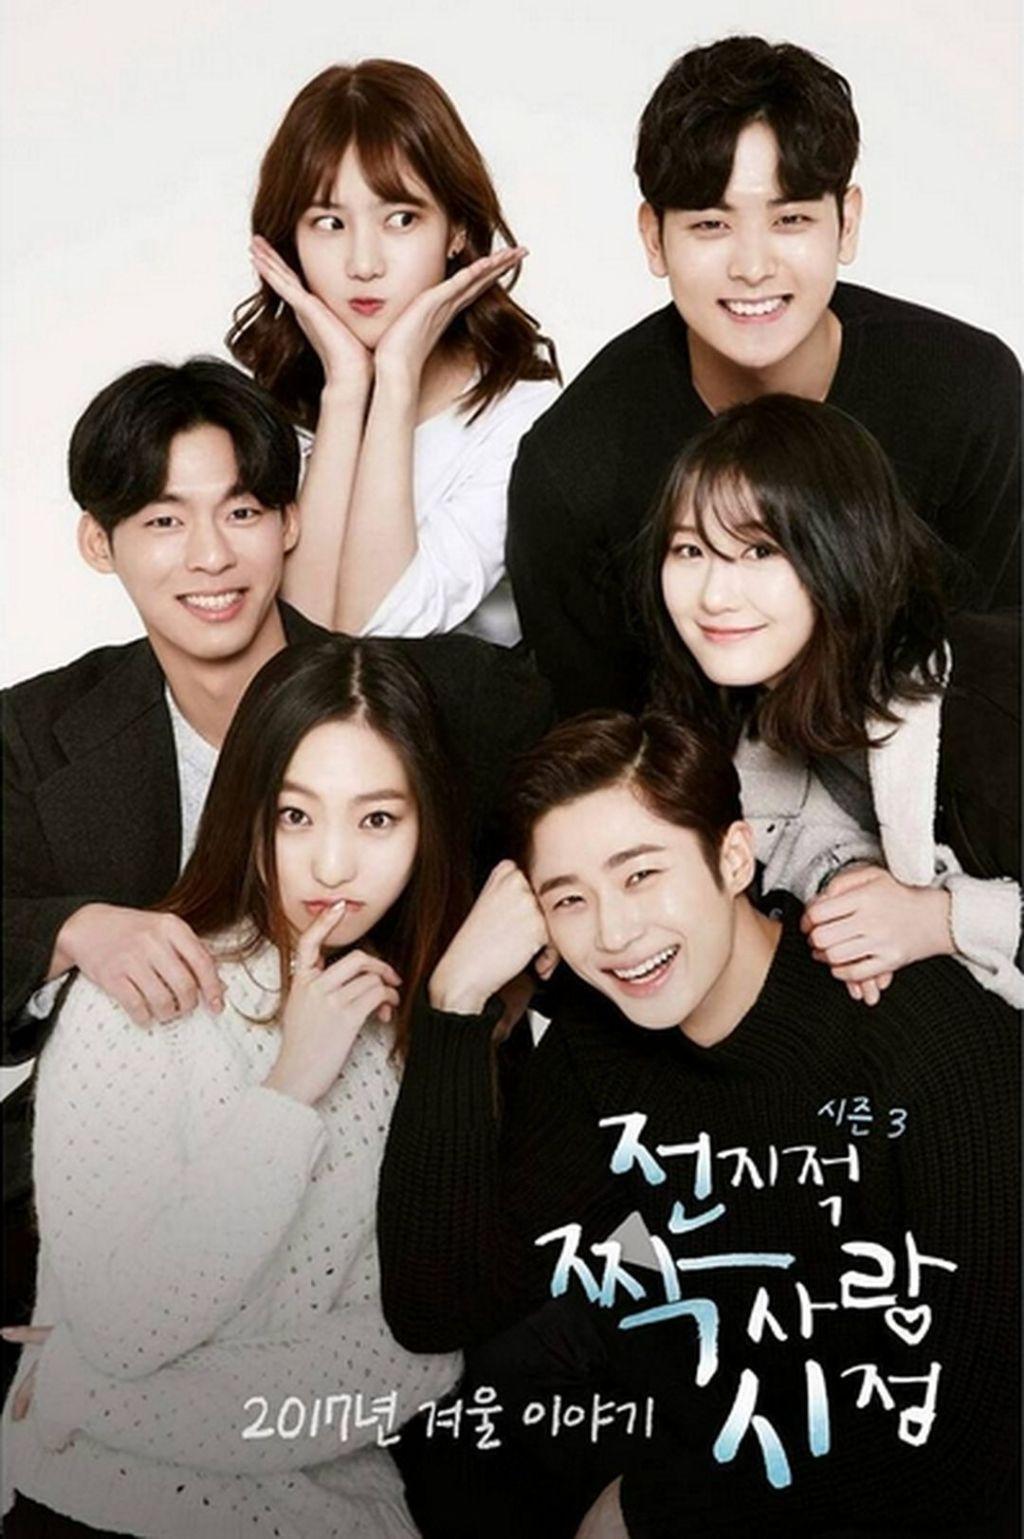 Sinopsis Dan Profil Lengkap Pemeran K-Drama Secret Crushes Season 3 (2017)